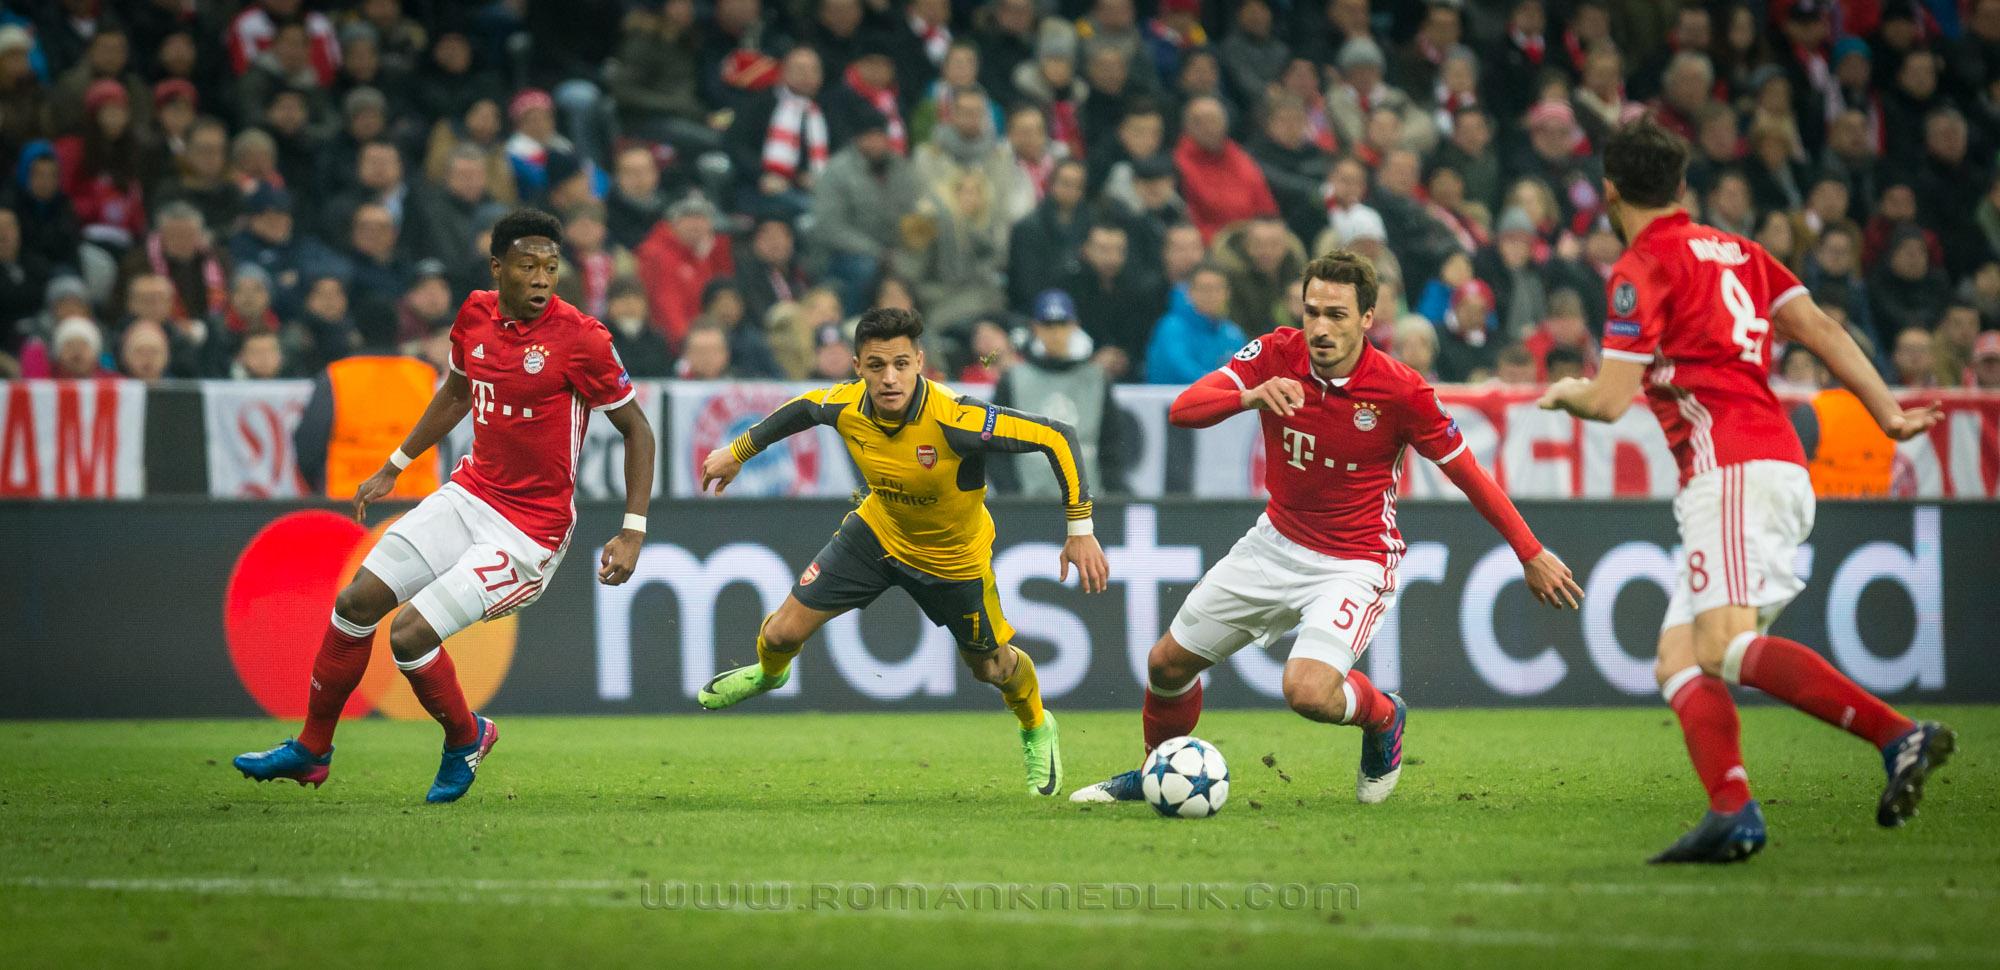 Bayern_Arsenal-18